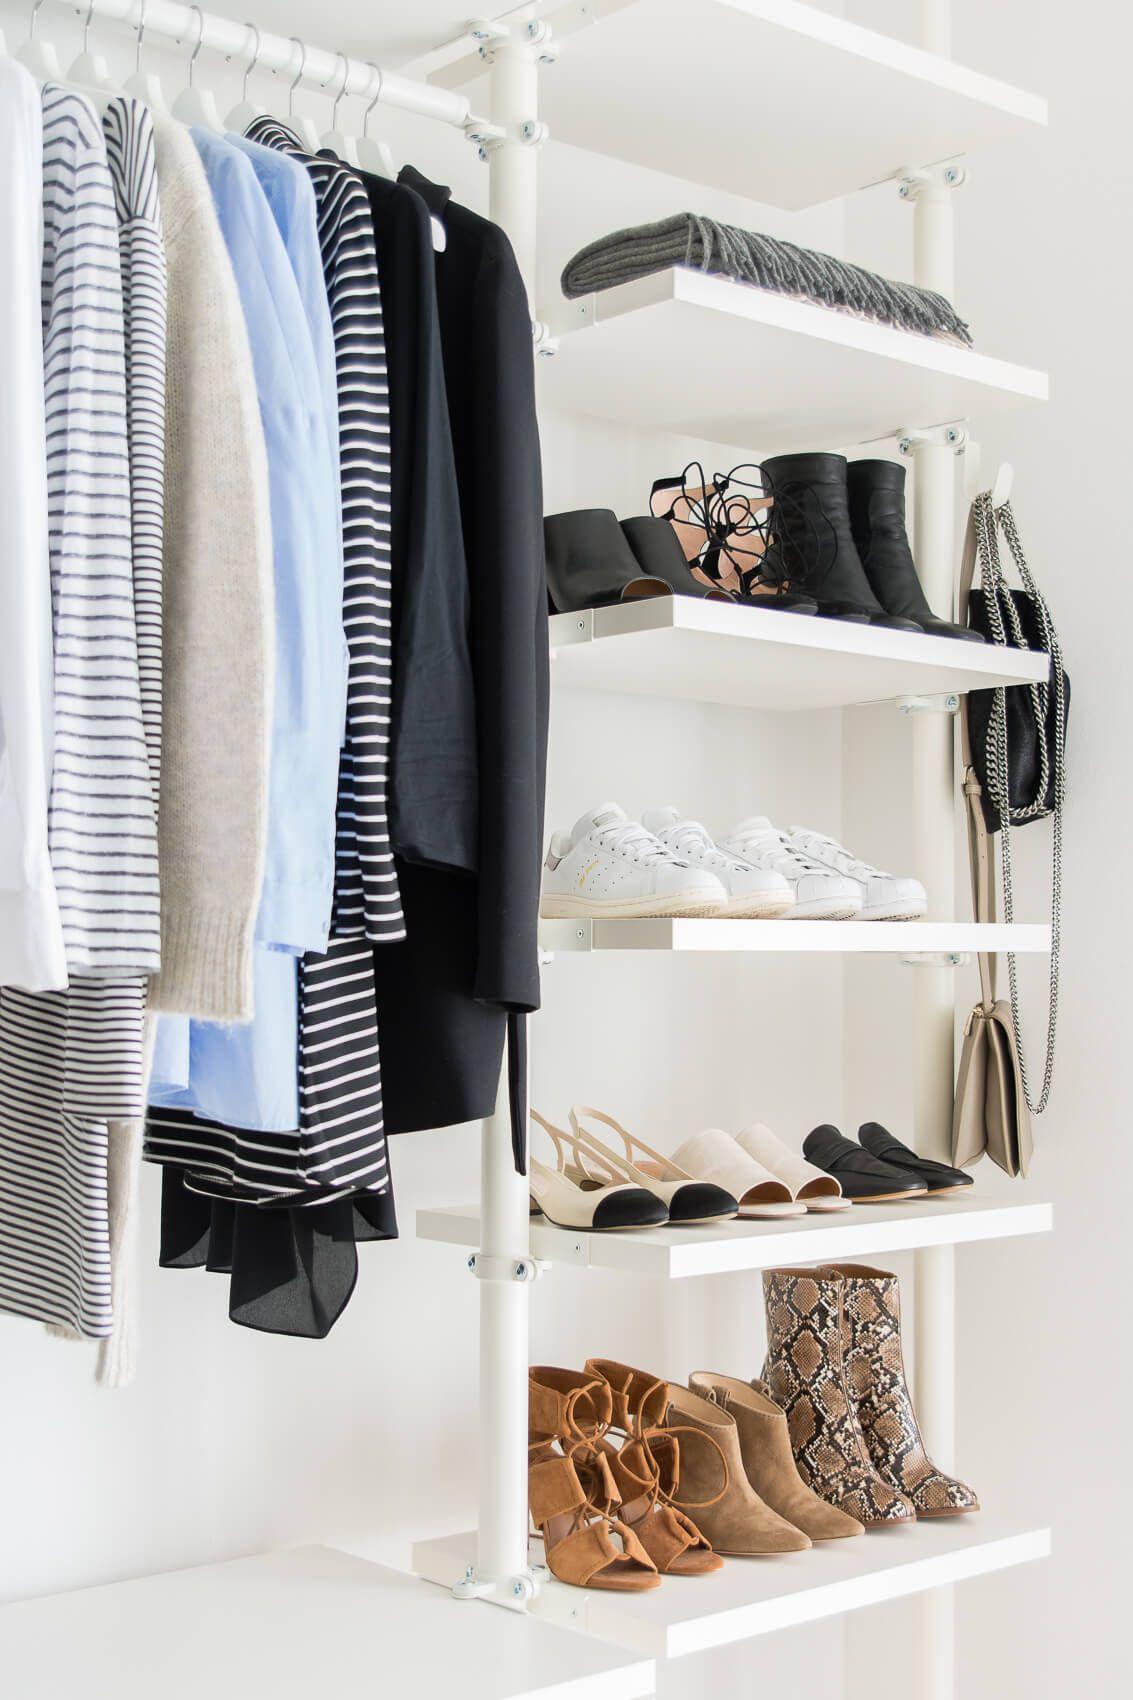 Kleiderschrank Industrial 5 tipps für minimalismus im kleiderschrank dressing room